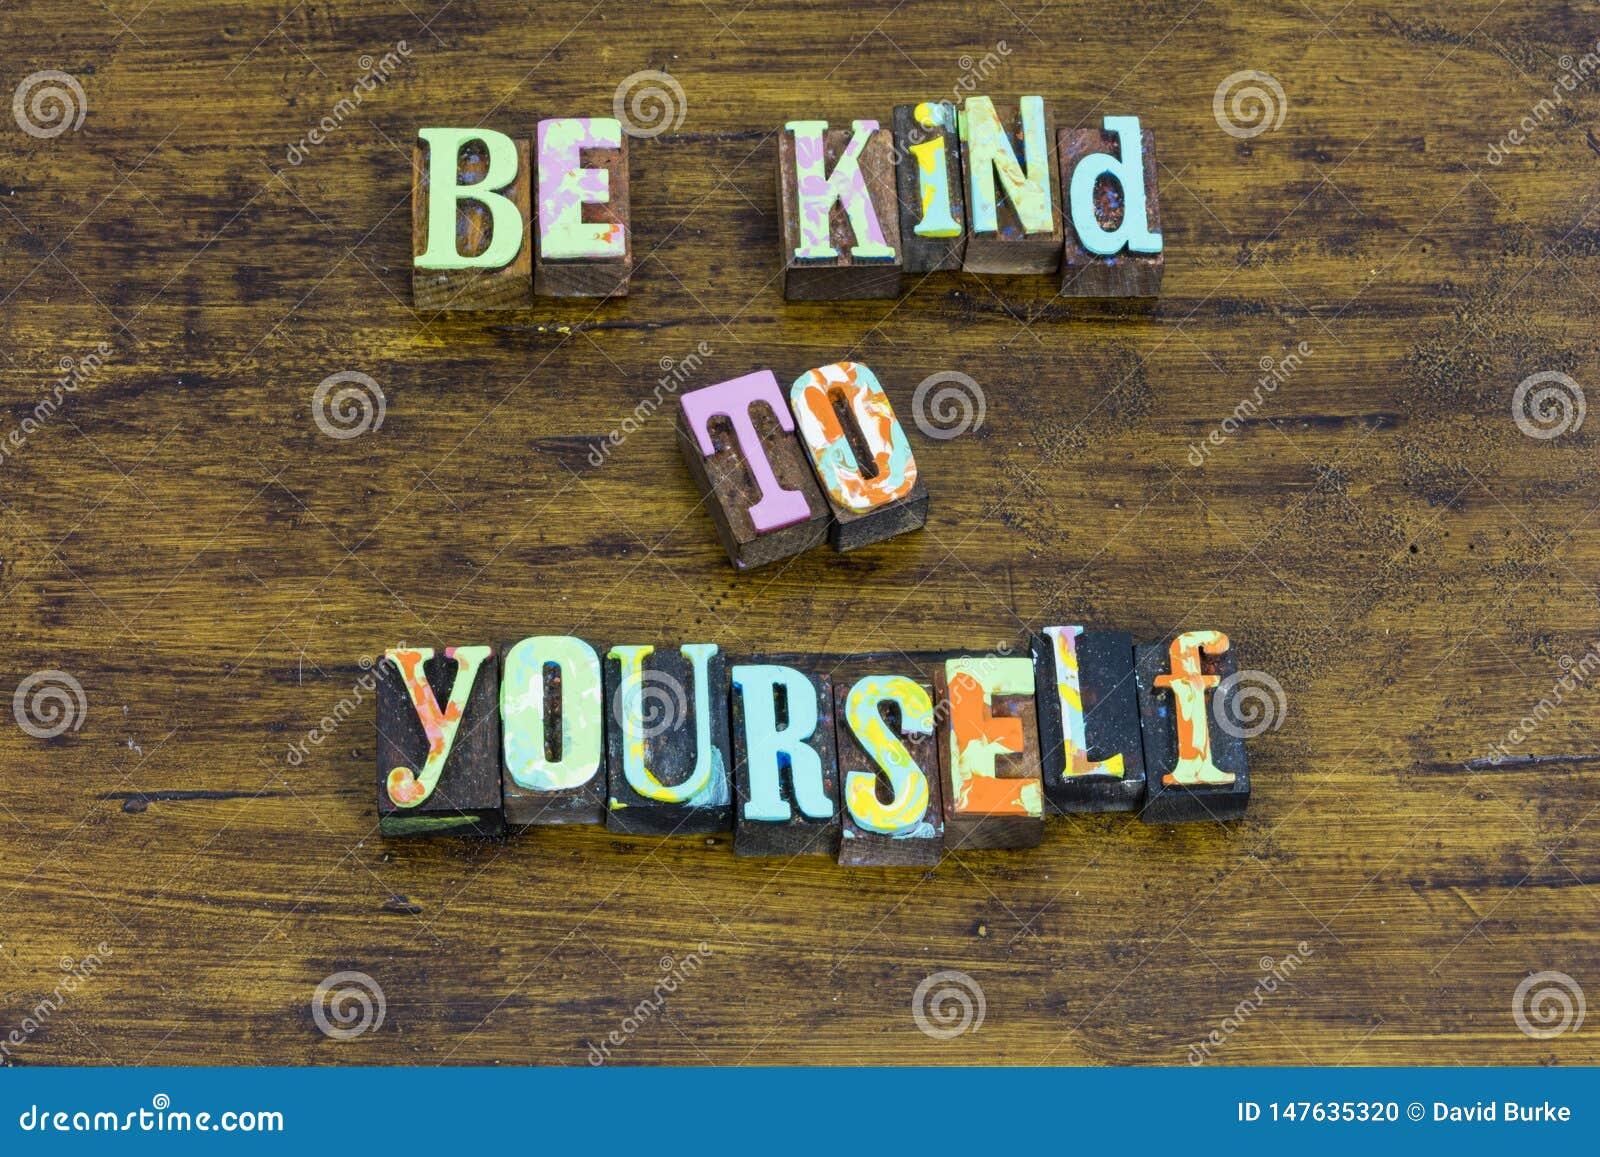 Sia gentile voi stessi bello positivo piacevole coraggioso onesto di integrità